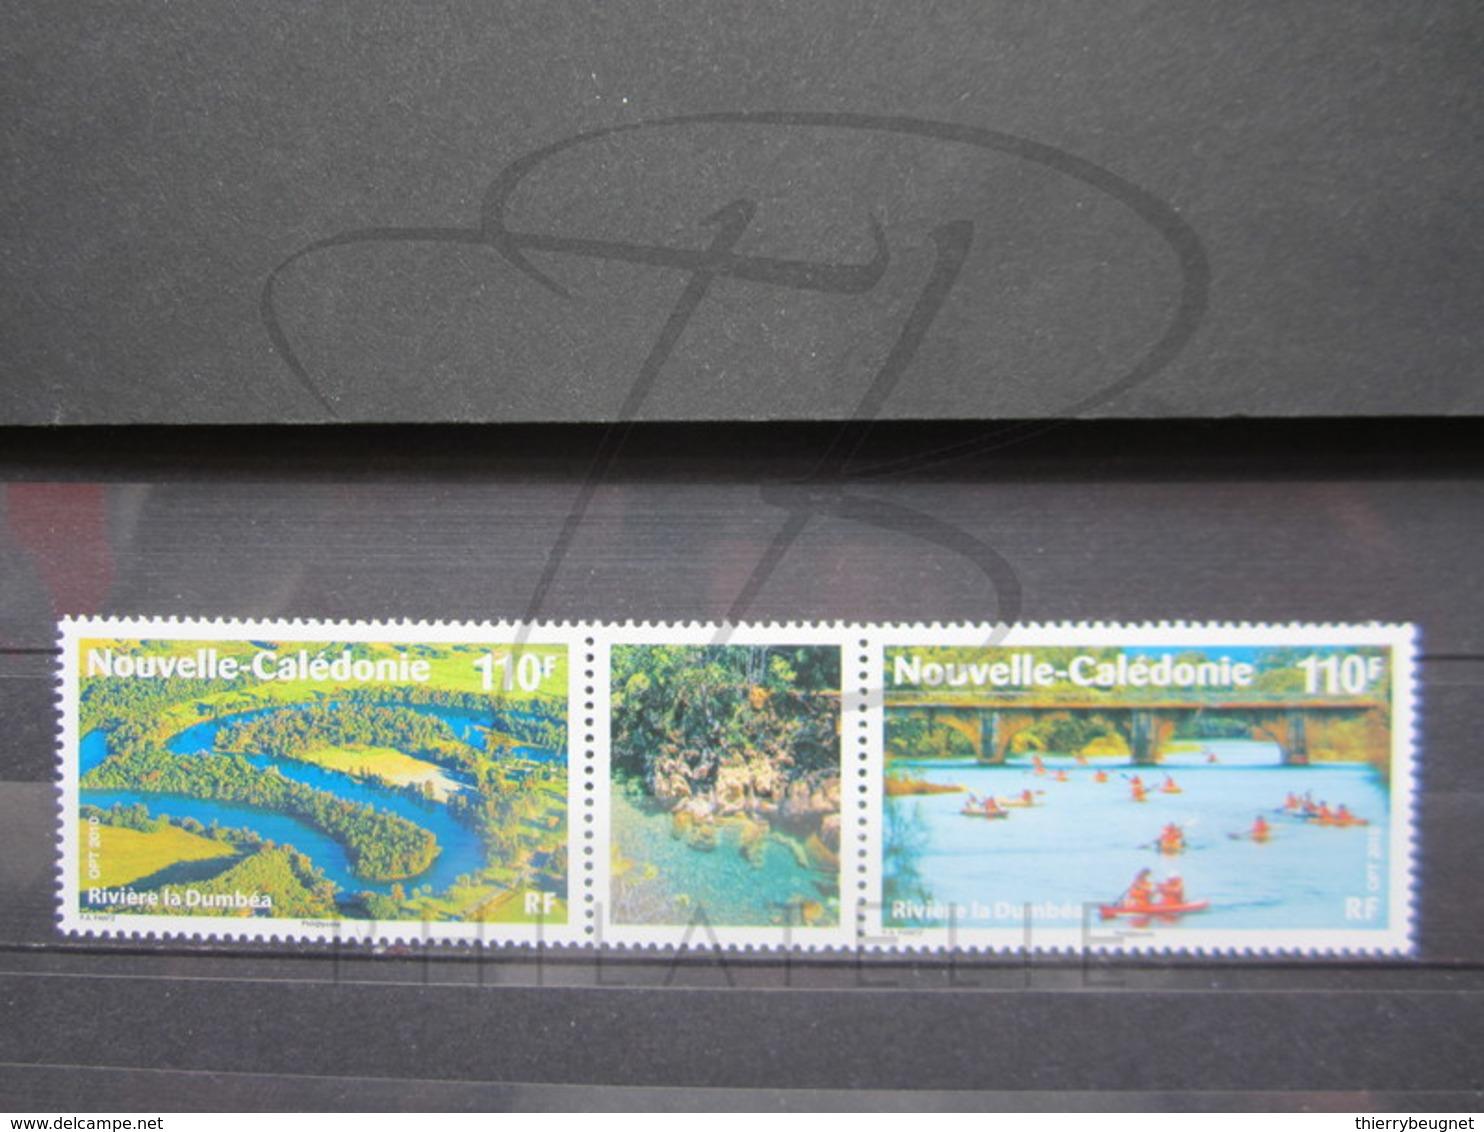 VEND BEAUX TIMBRES DE NOUVELLE-CALEDONIE N° 1094 + 1095 , XX !!! - Nueva Caledonia